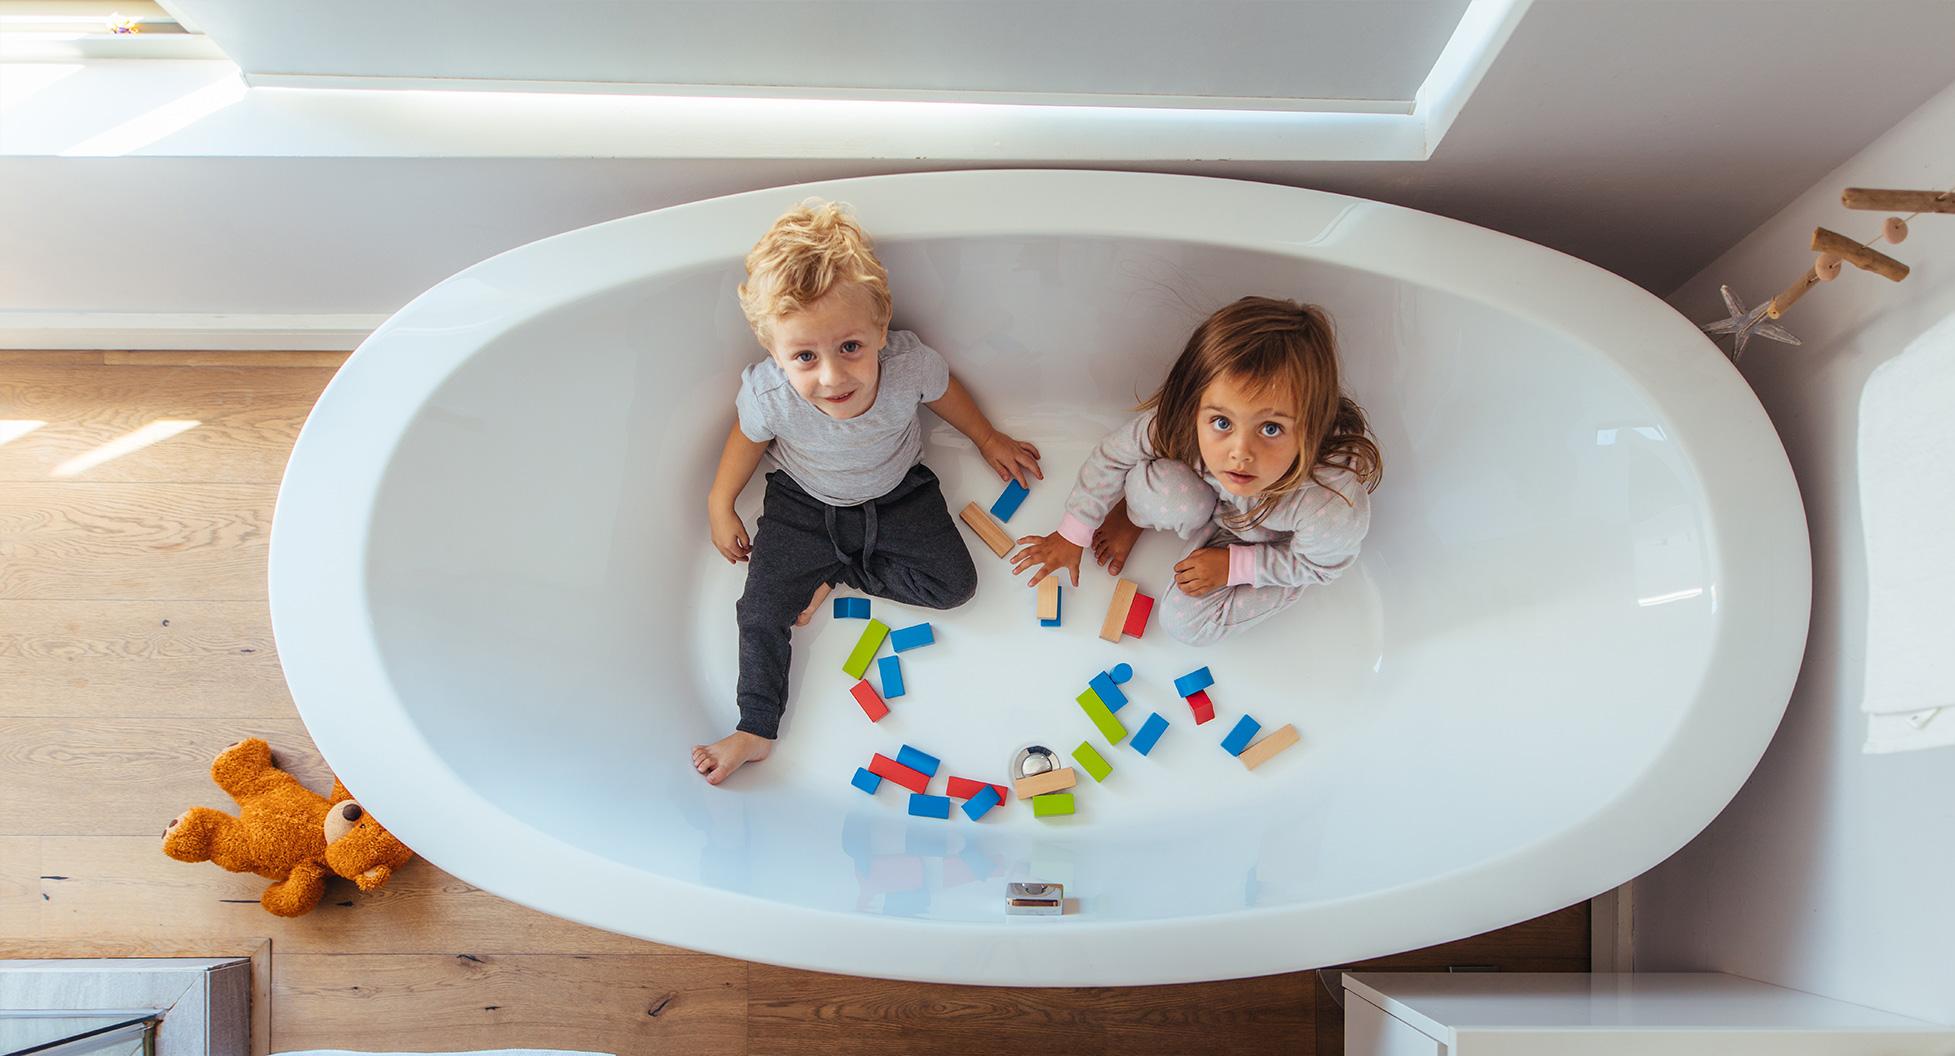 kinder spiele in badewanne